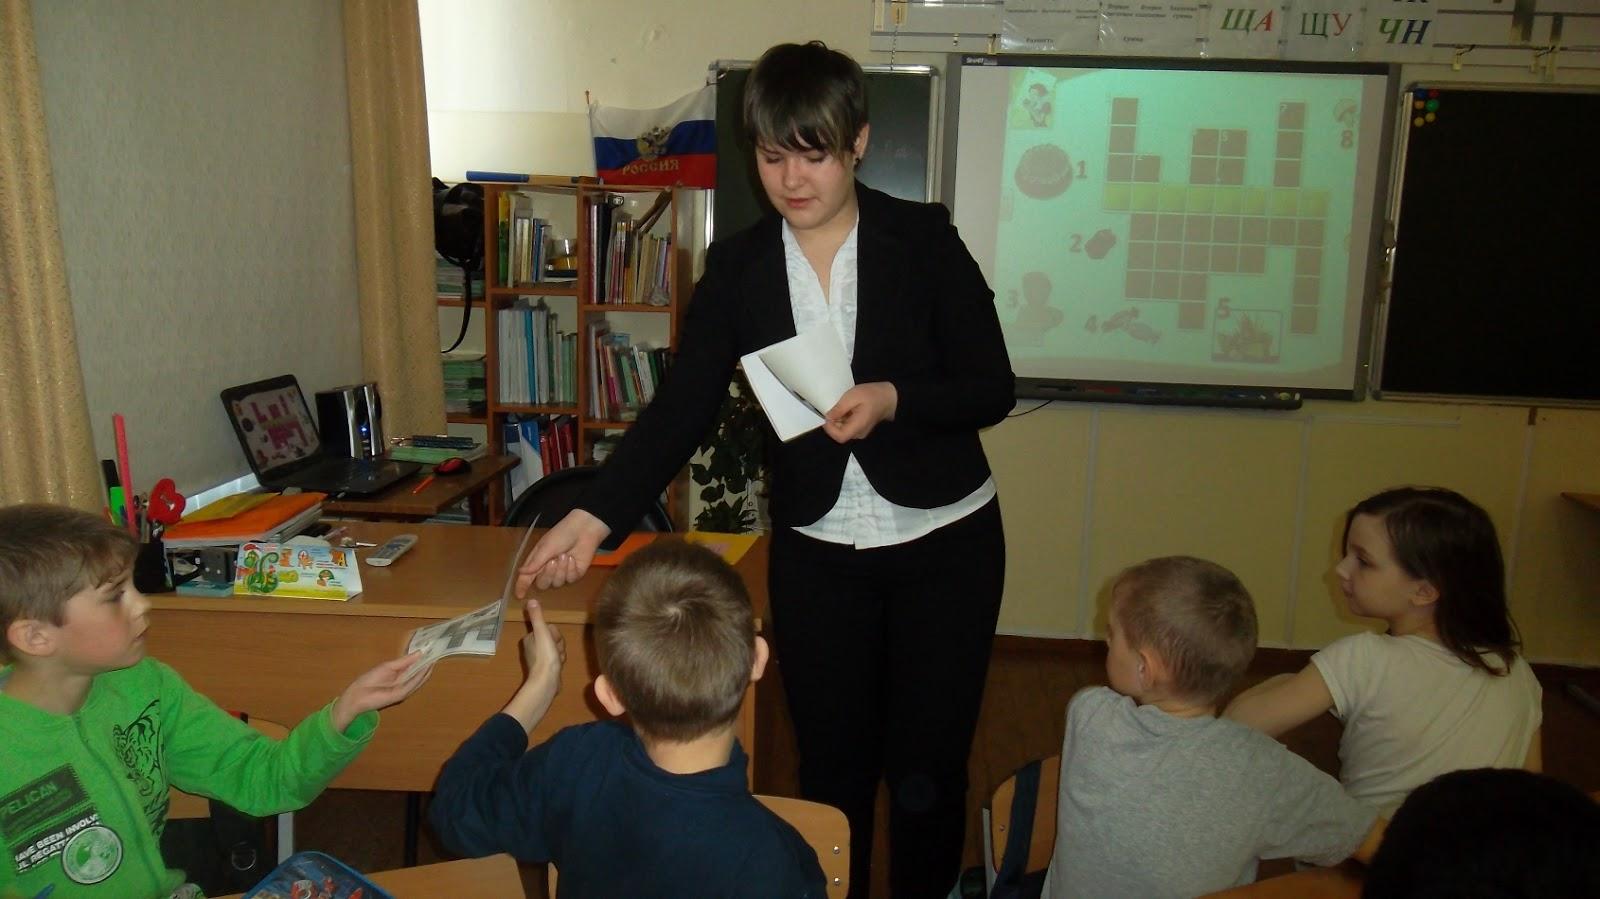 Ирина хакамада с мужем и детьми фото